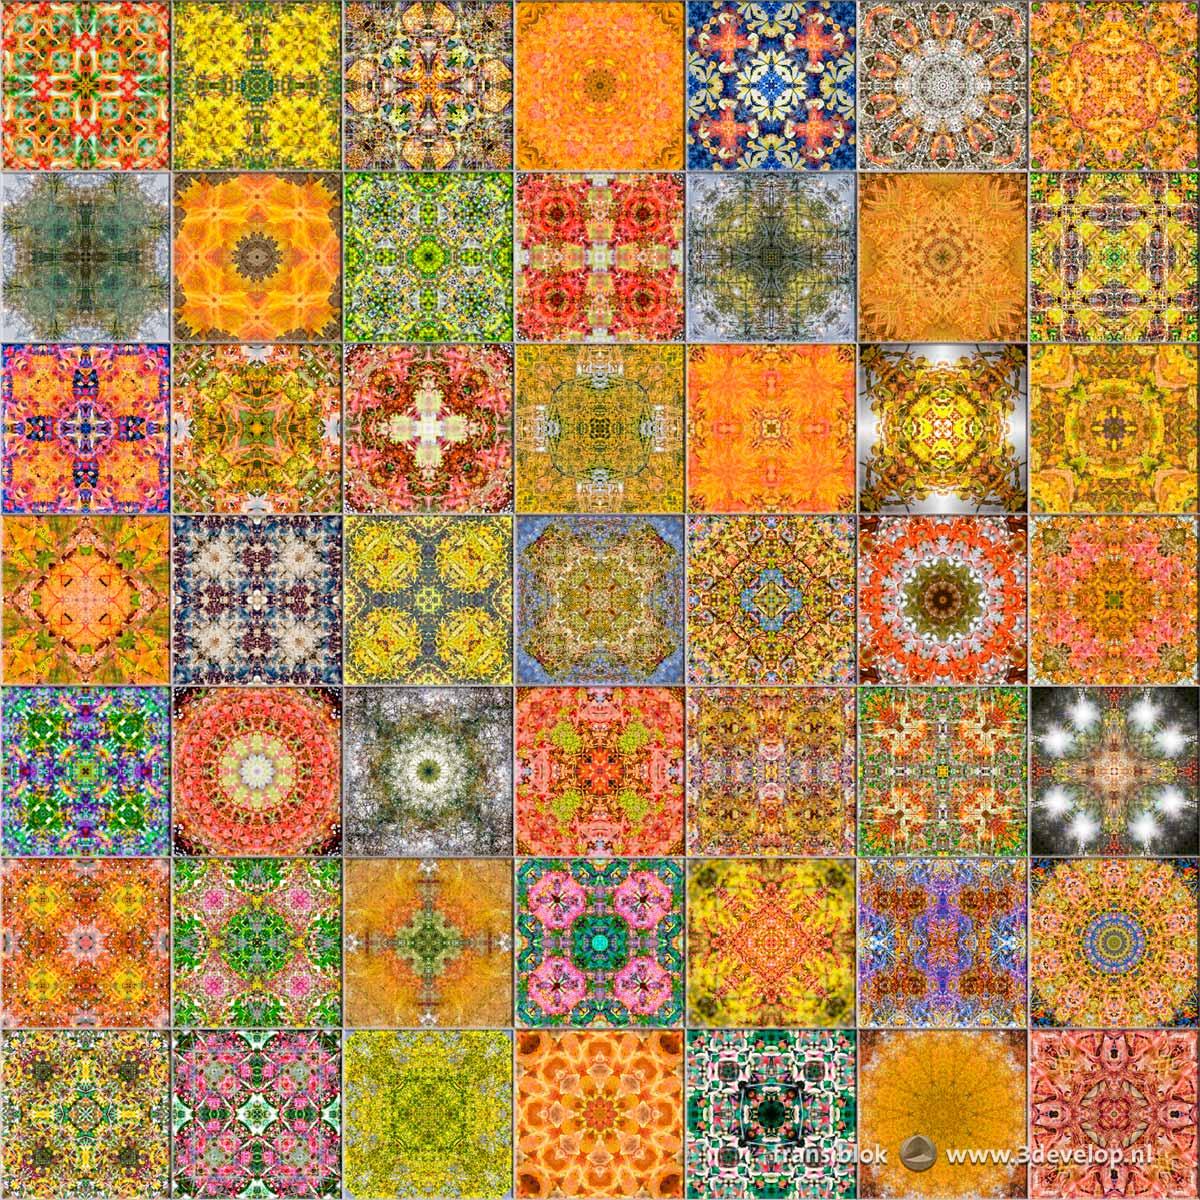 49 veelkleurige caleidoscopische patronen als tegels in een muur